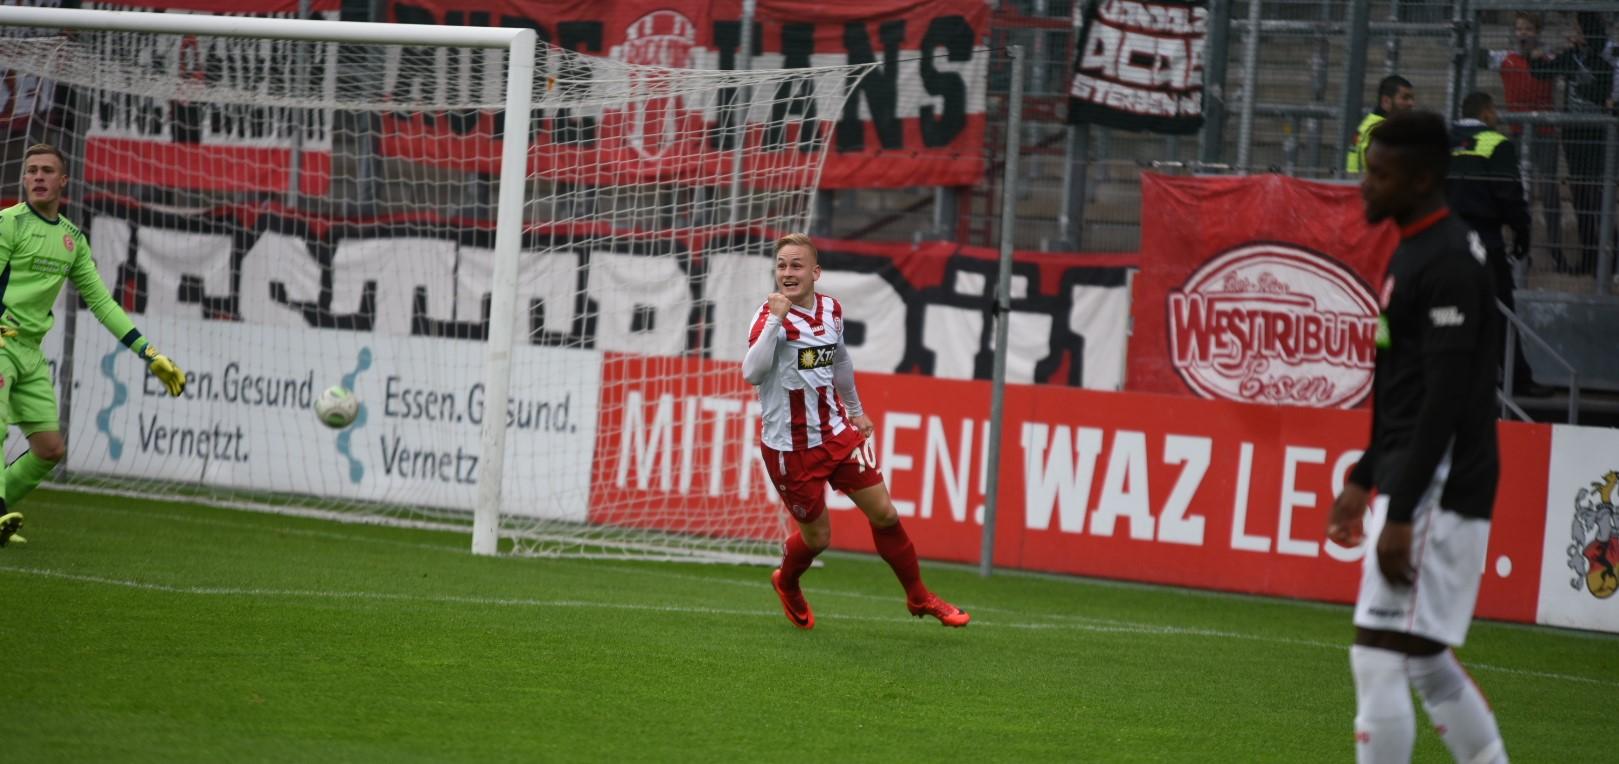 Unruheherd und Torschütze: Kai Pröger wurde am Ende mit stehenden Ovationen gefeiert. (Foto: Rotzoll)